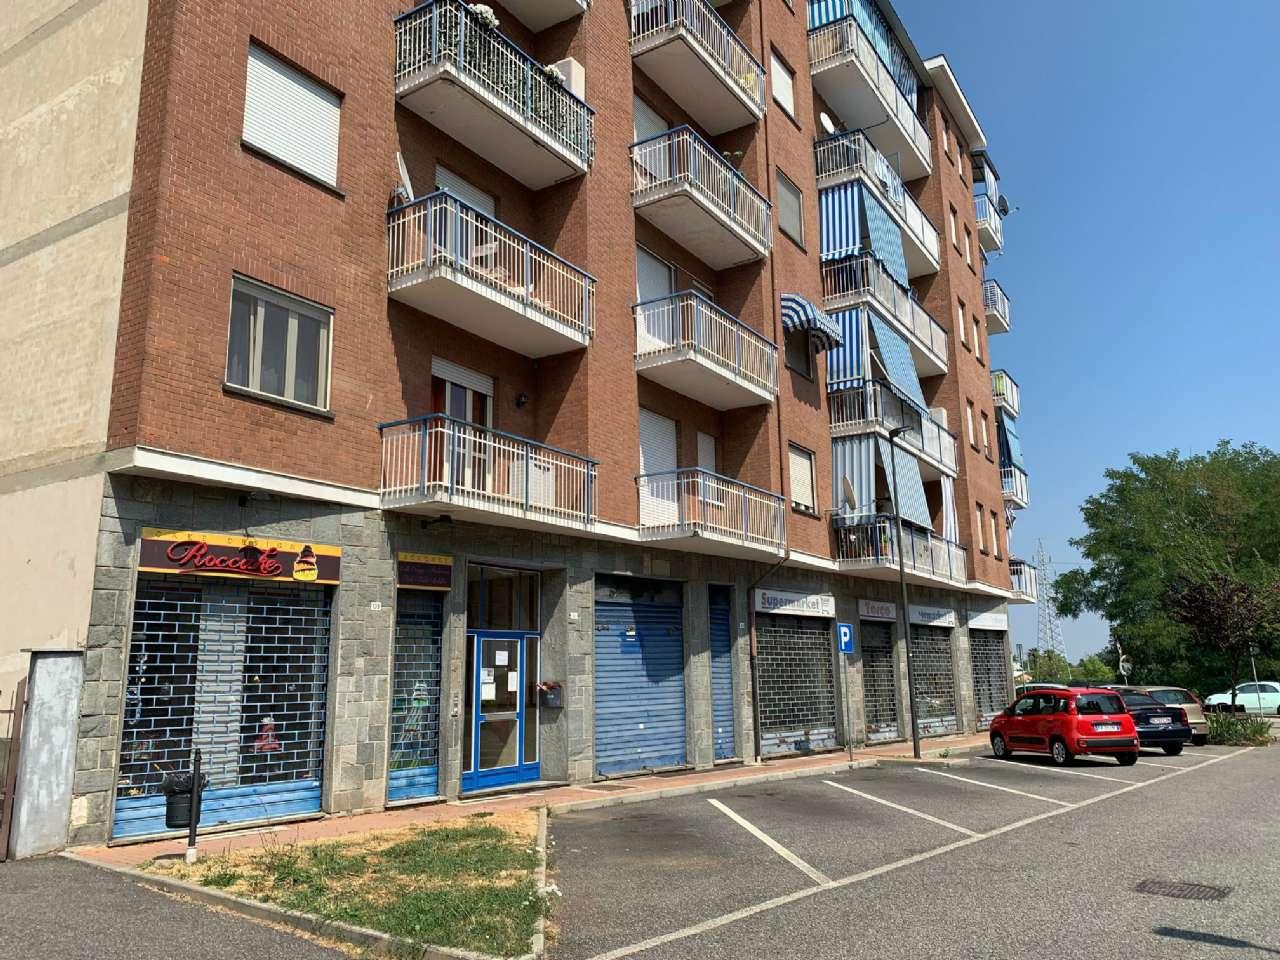 Negozio / Locale in vendita a Rivalta di Torino, 2 locali, prezzo € 45.000 | PortaleAgenzieImmobiliari.it